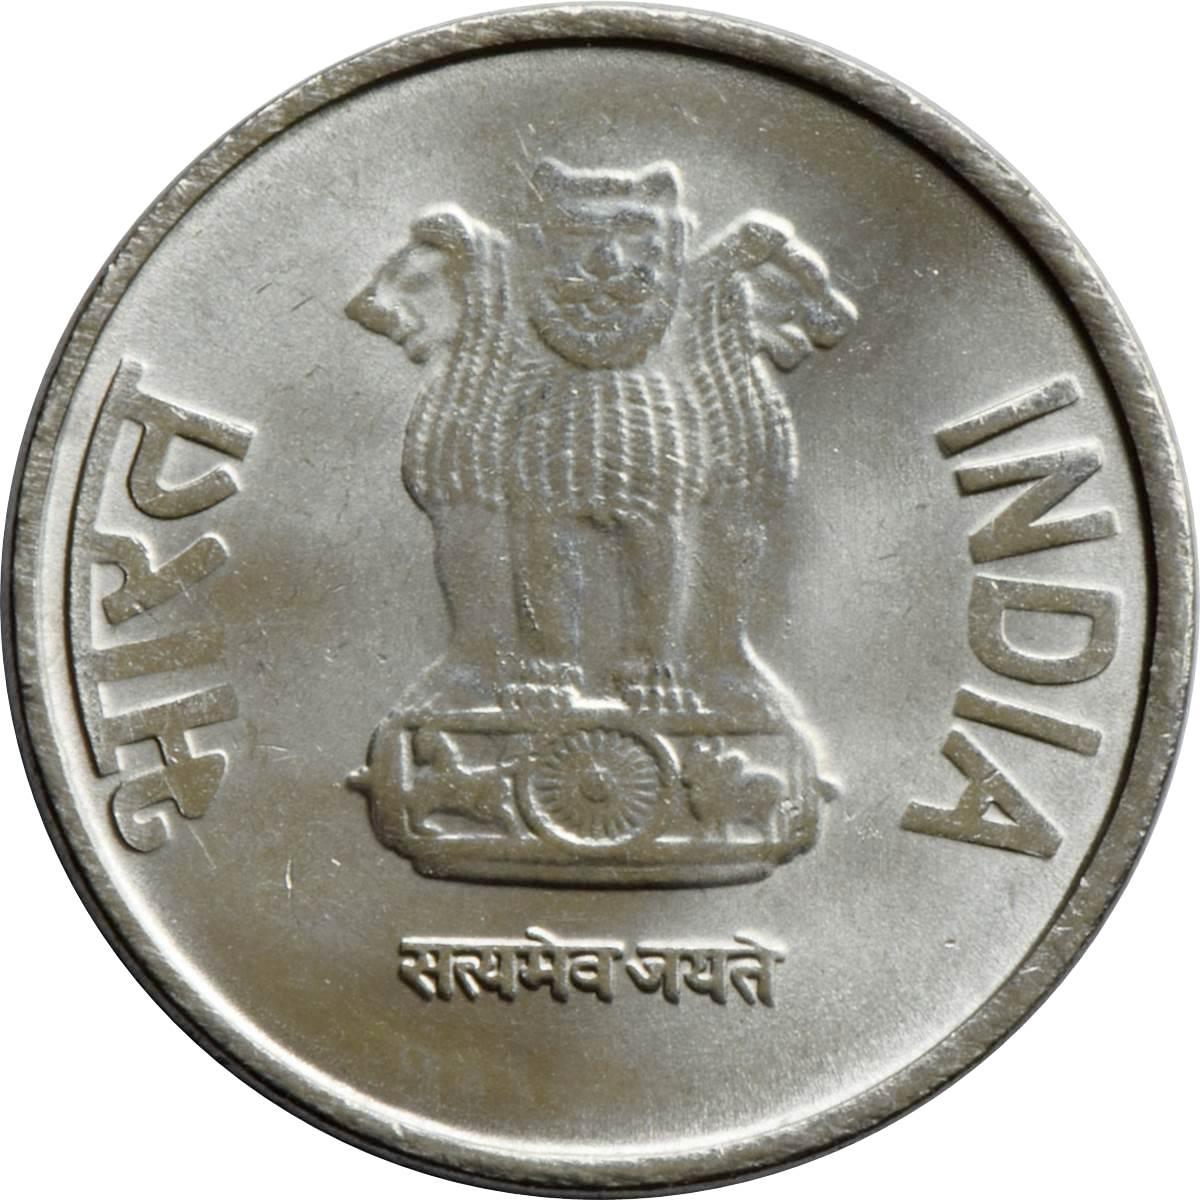 1 Rupee India Numista